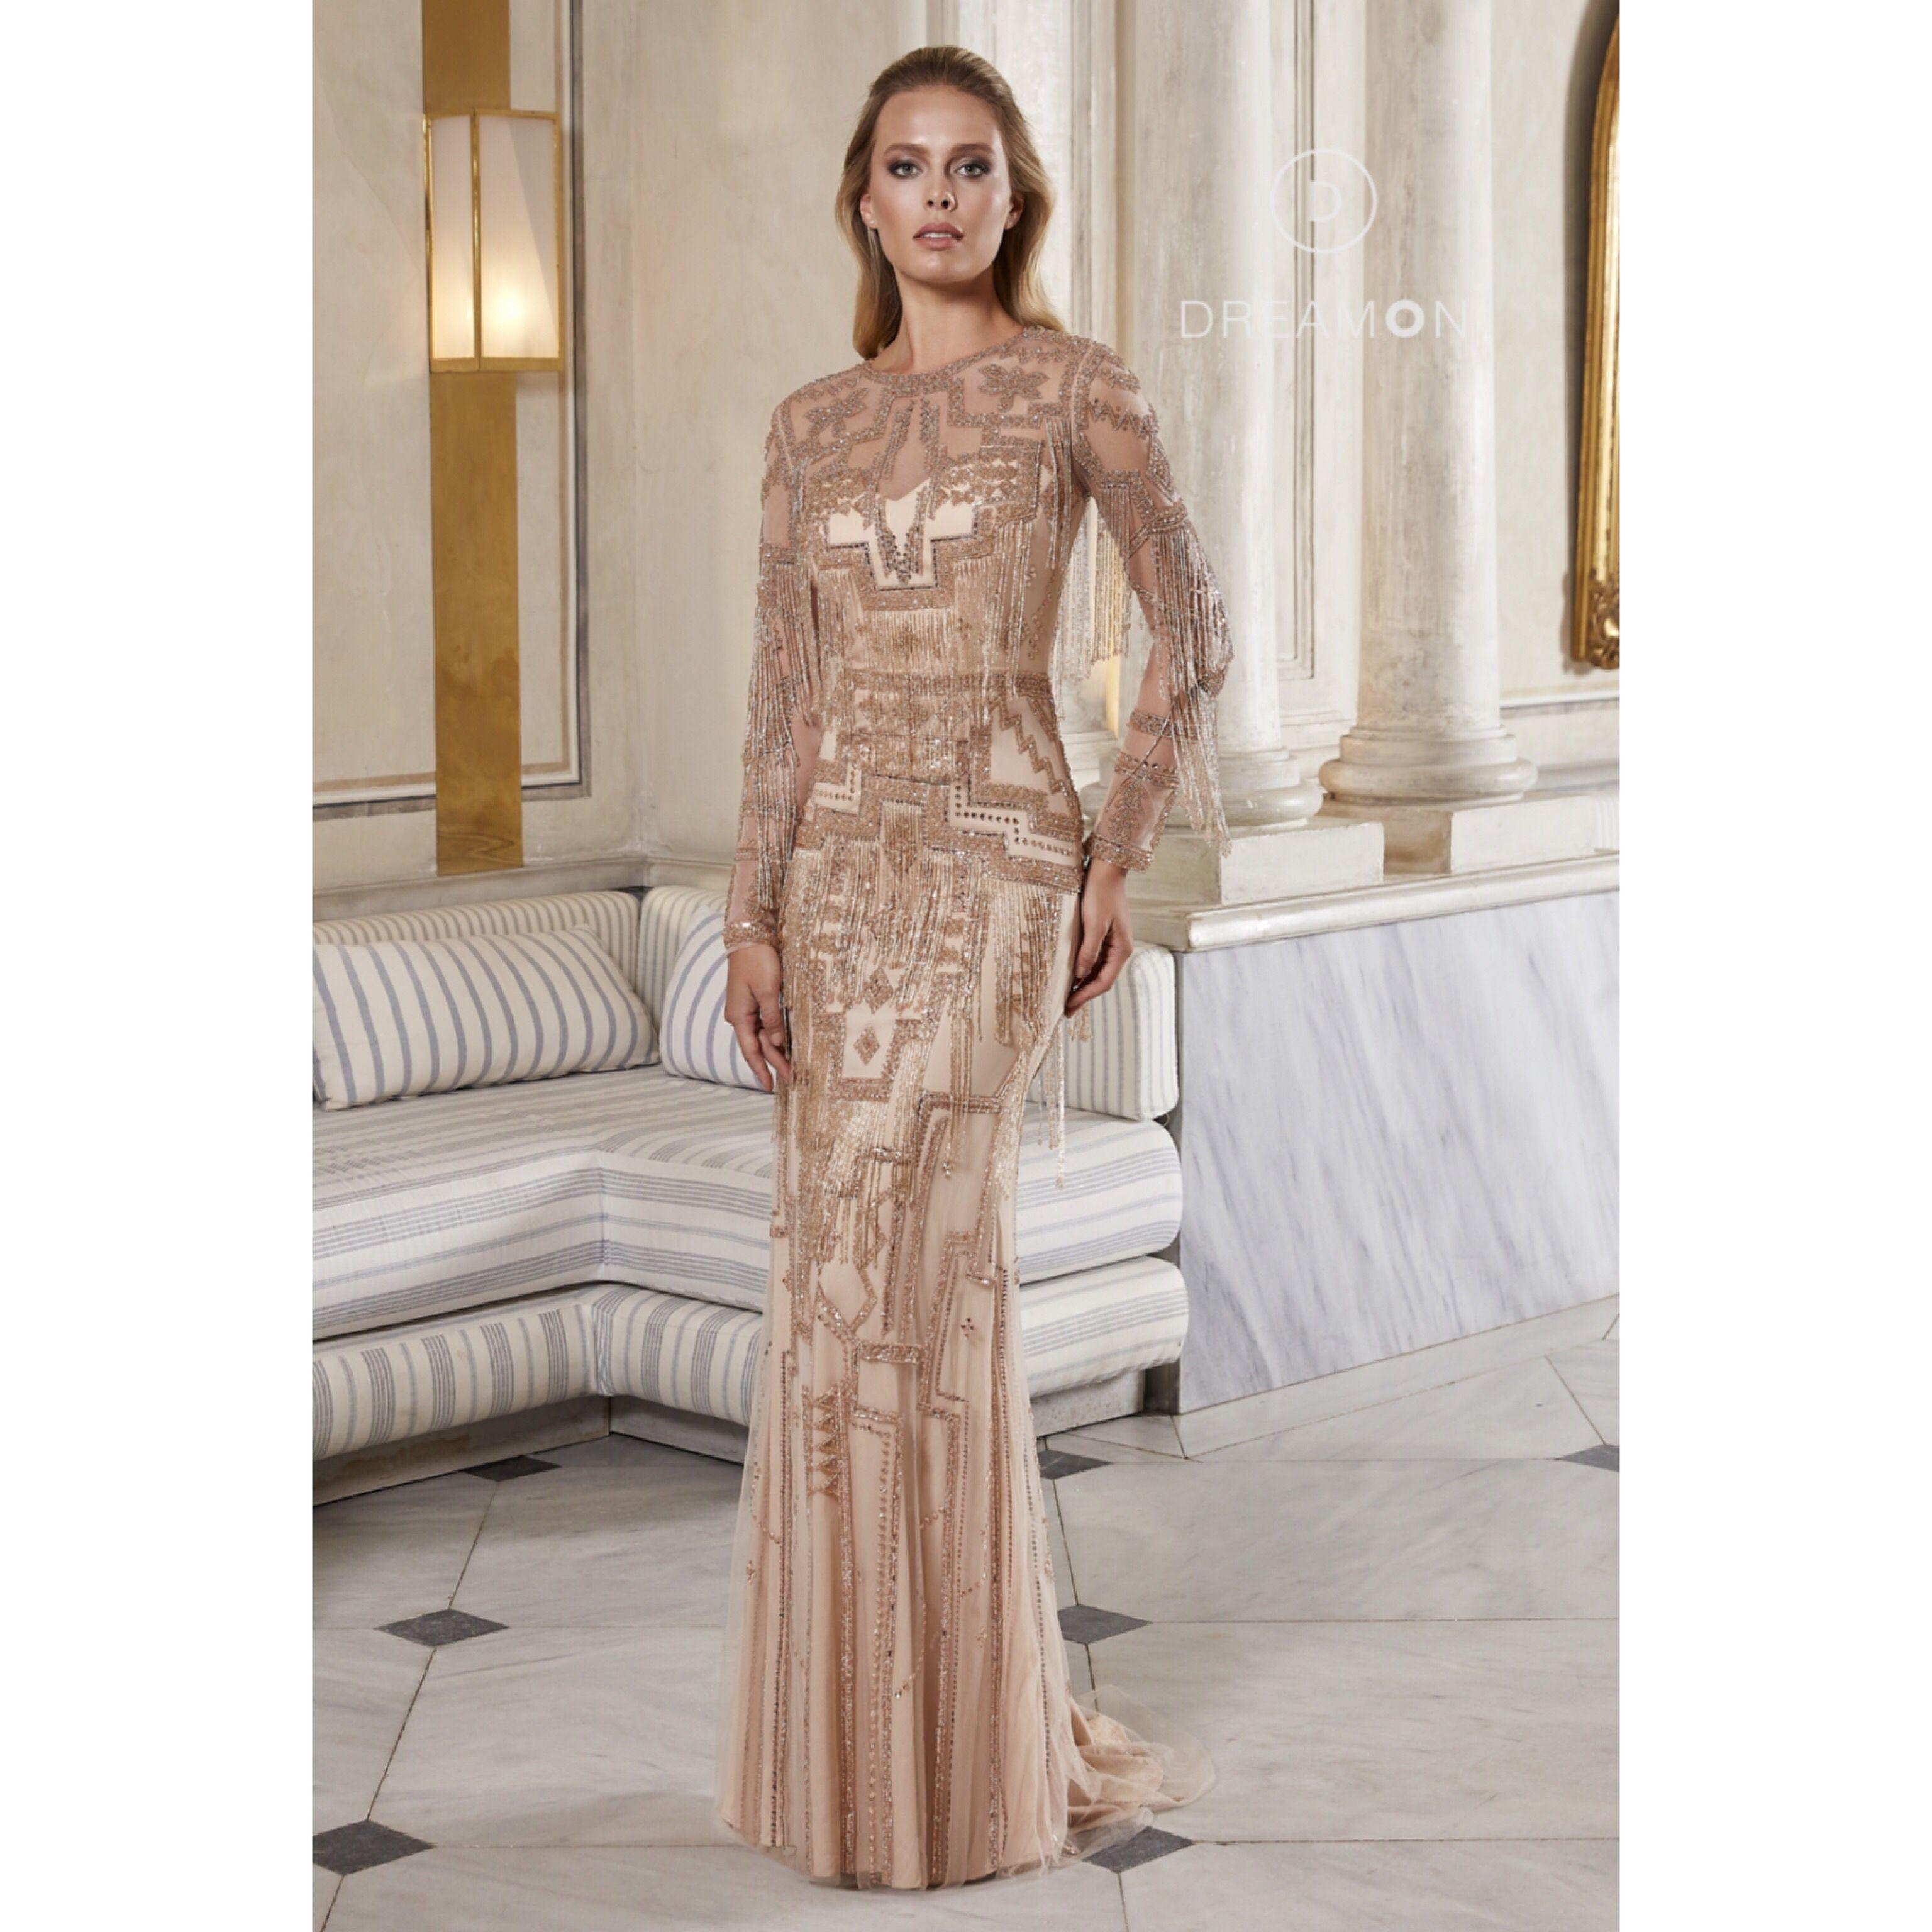 Asteria Tasli Pariltili Uzun Kollu Ithal Abiye Elbise Dreamon Com Tr Aksamustu Giysileri The Dress Uzun Kollu